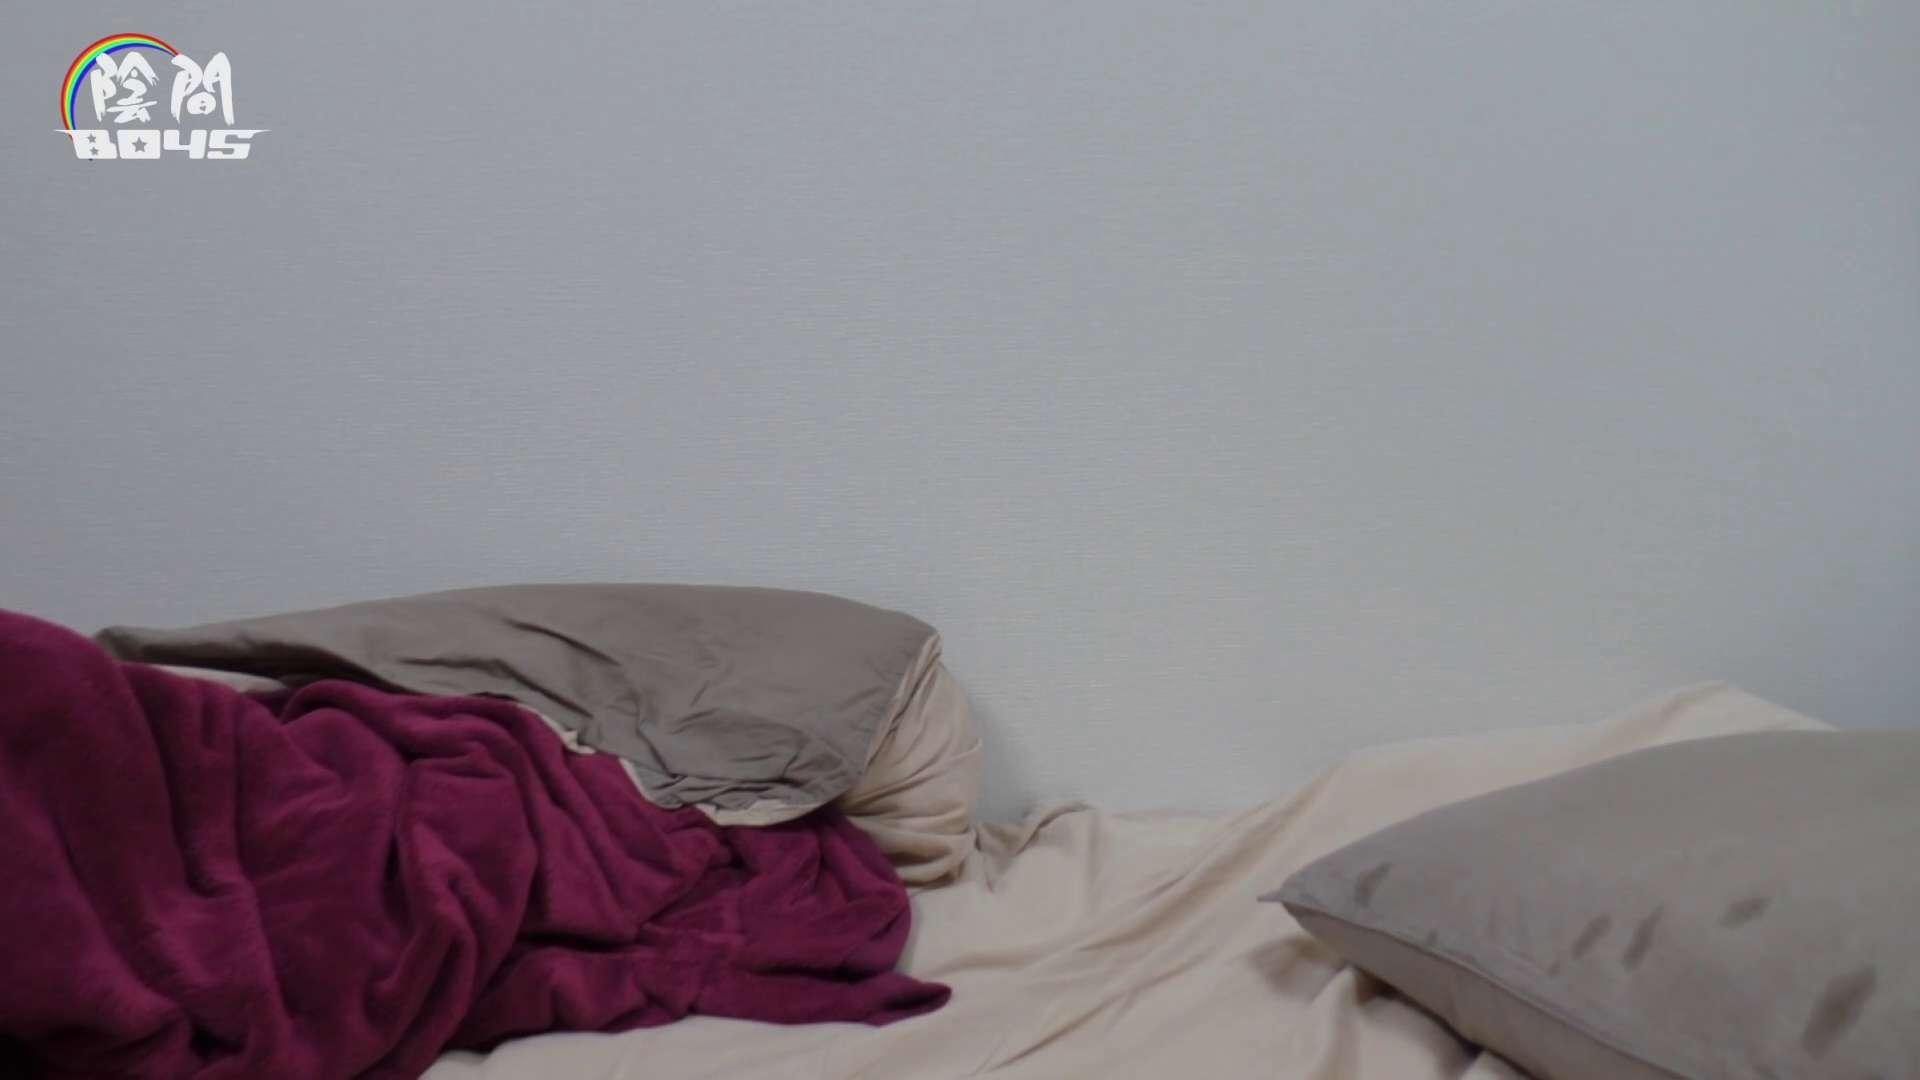 アナルは決して眠らない No.02 ザーメン ゲイエロビデオ画像 107画像 79